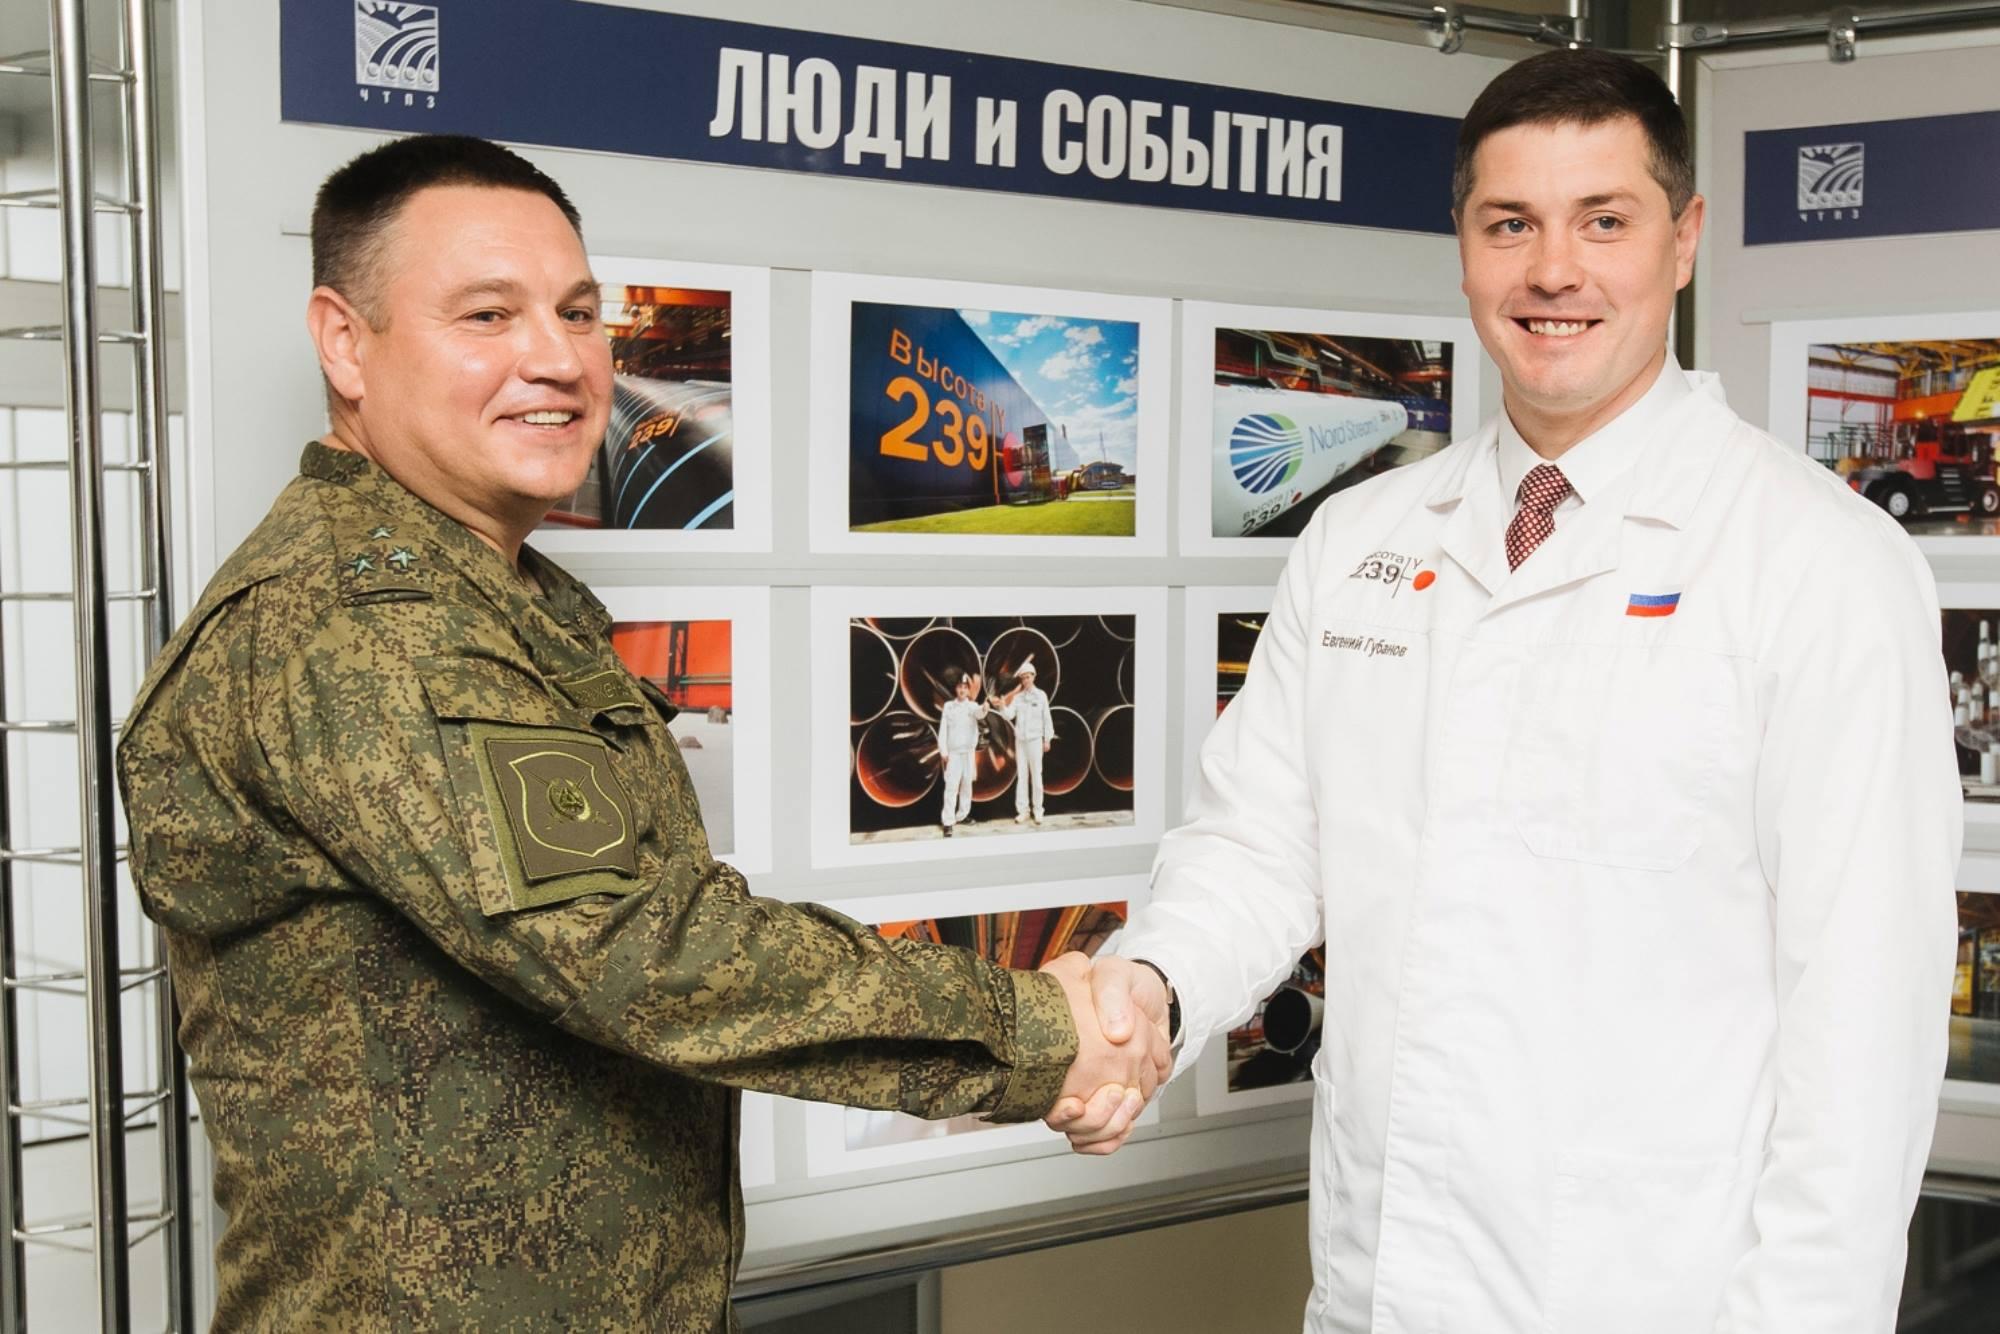 Группа ЧТПЗ тиражирует опыт взаимодействия с подшефной воинской частью в регионах присутствия